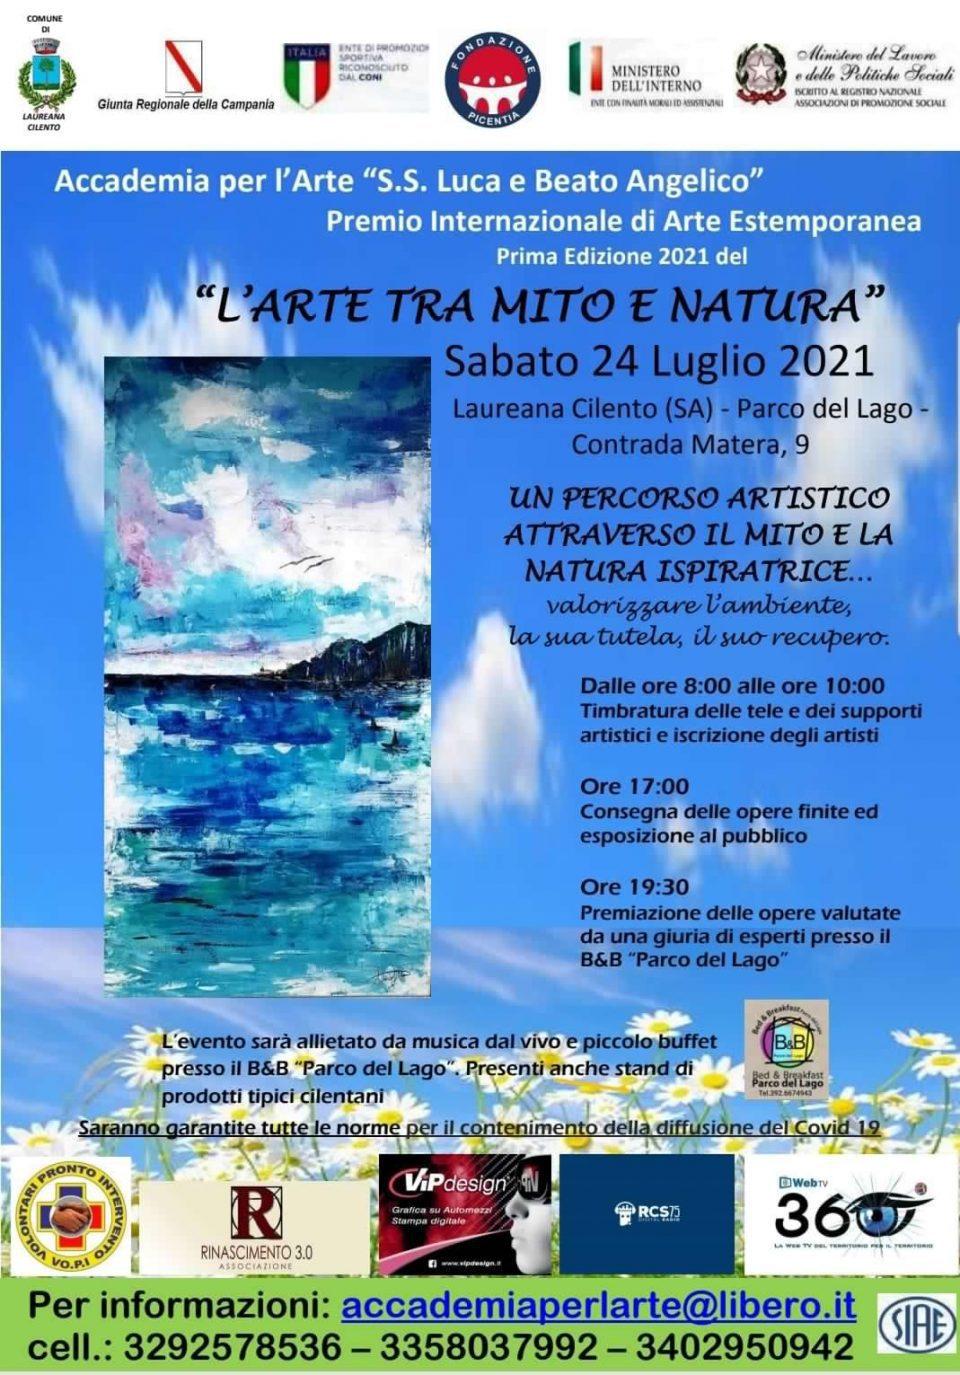 Arte mito natura 2021 Laureana Cilento Estemporanea Premio internazionale Programma 2 960x1375 - Laureana Cilento, Prima Edizione del Premio Internazionale di Arte Estemporanea - 24/7/2021